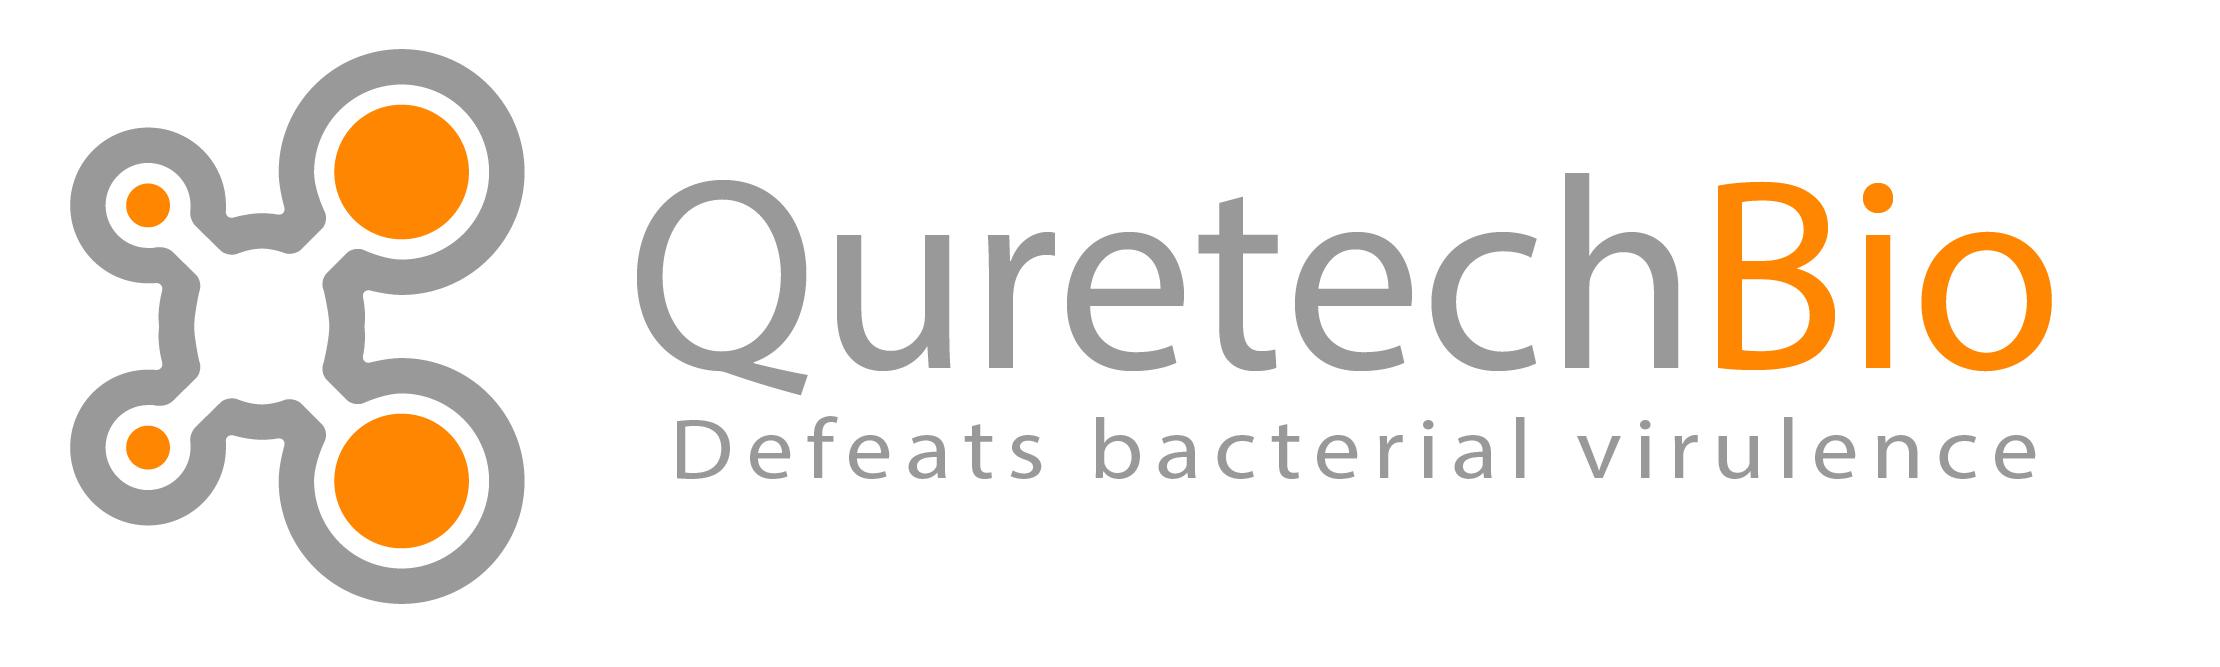 Quretech Bio